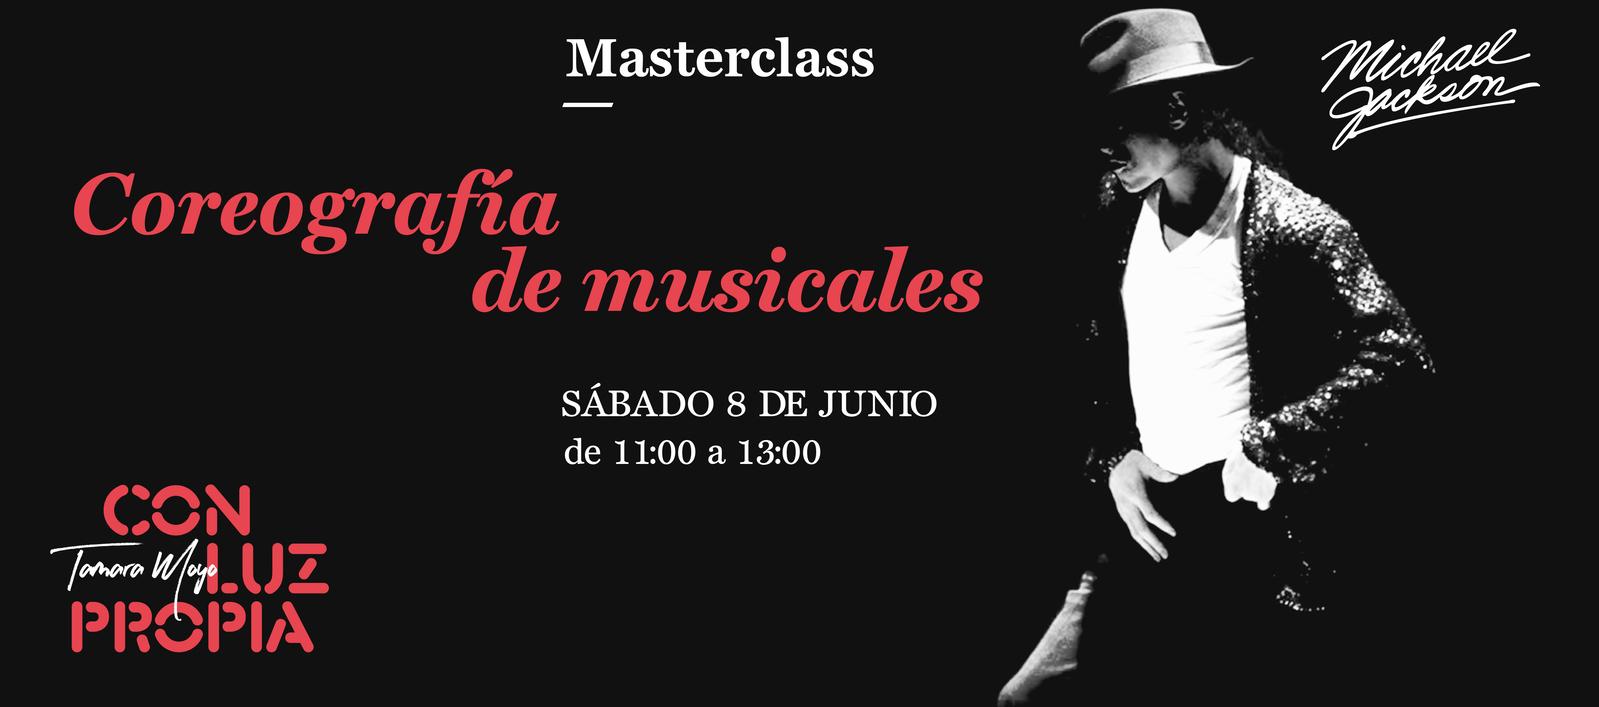 Masterclass coreografía musicales junio 2019